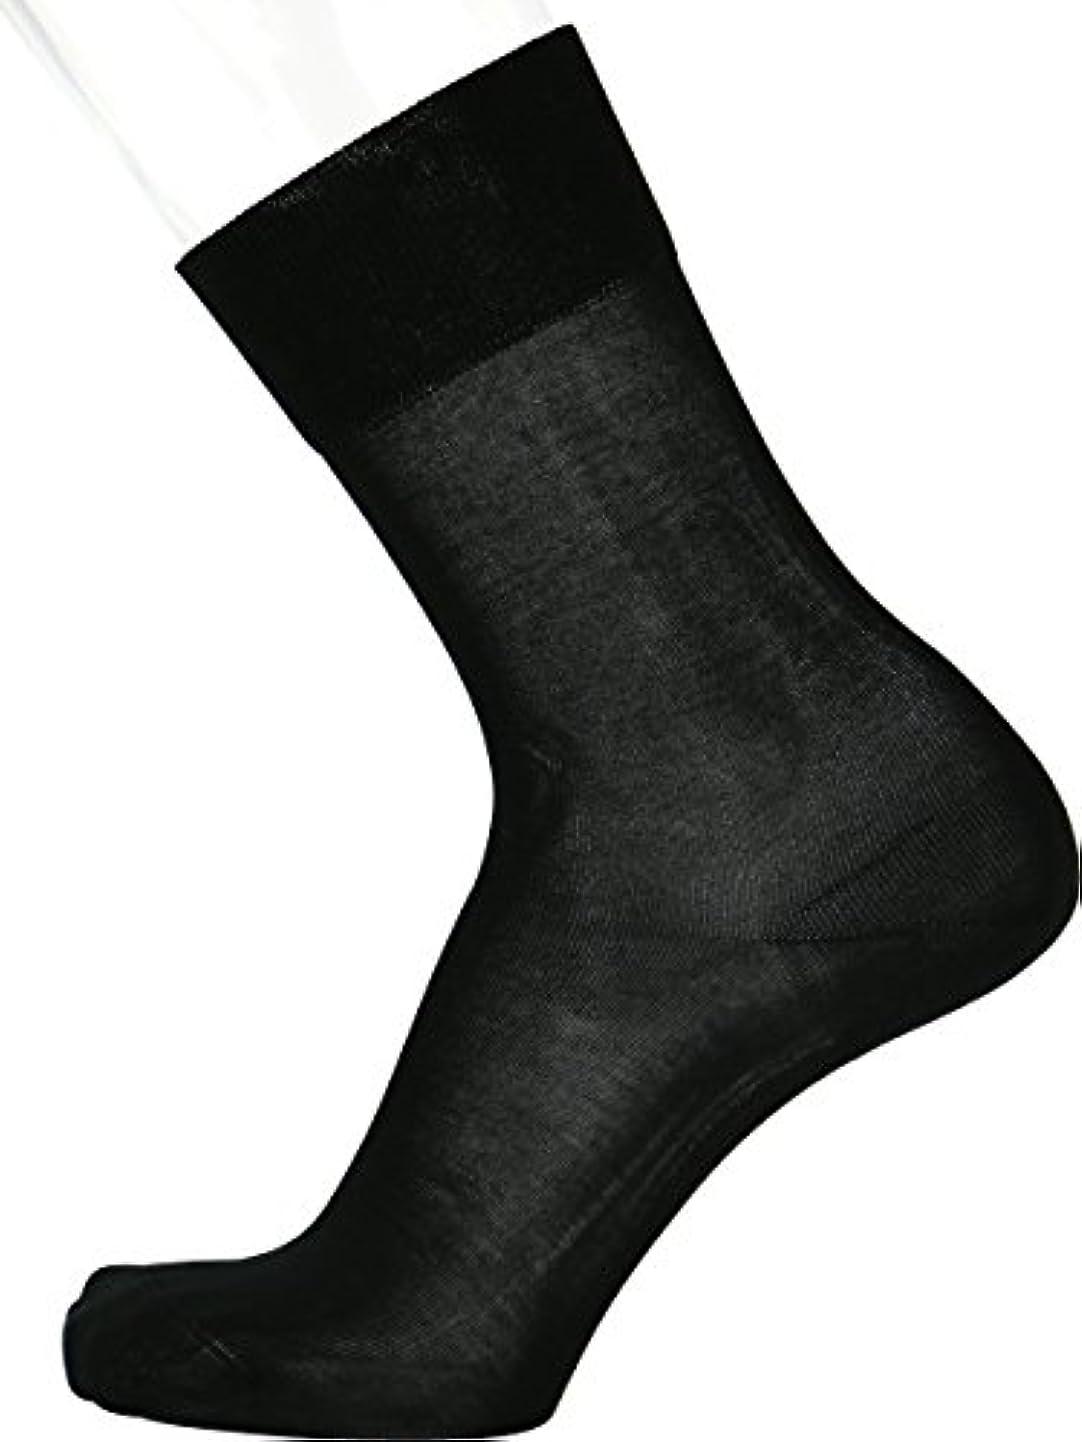 冗長弱い教えて(ナイガイ)NAIGAI フォーマルソックス 冠婚葬祭 礼装用 紳士靴下 綿100%